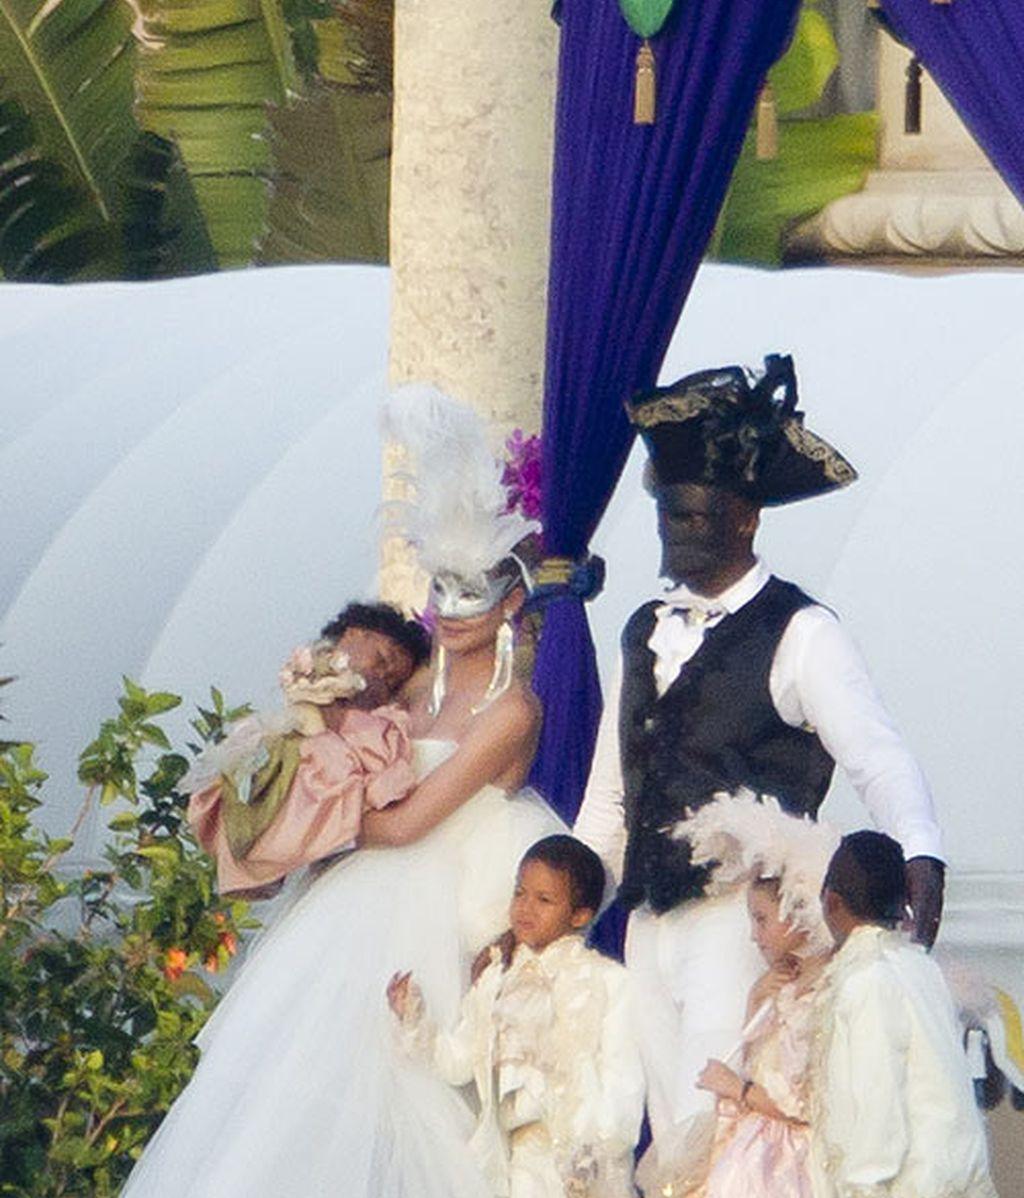 Los 20 disfraces más chulis del matrimonio de moda, Heidi Klum y Seal